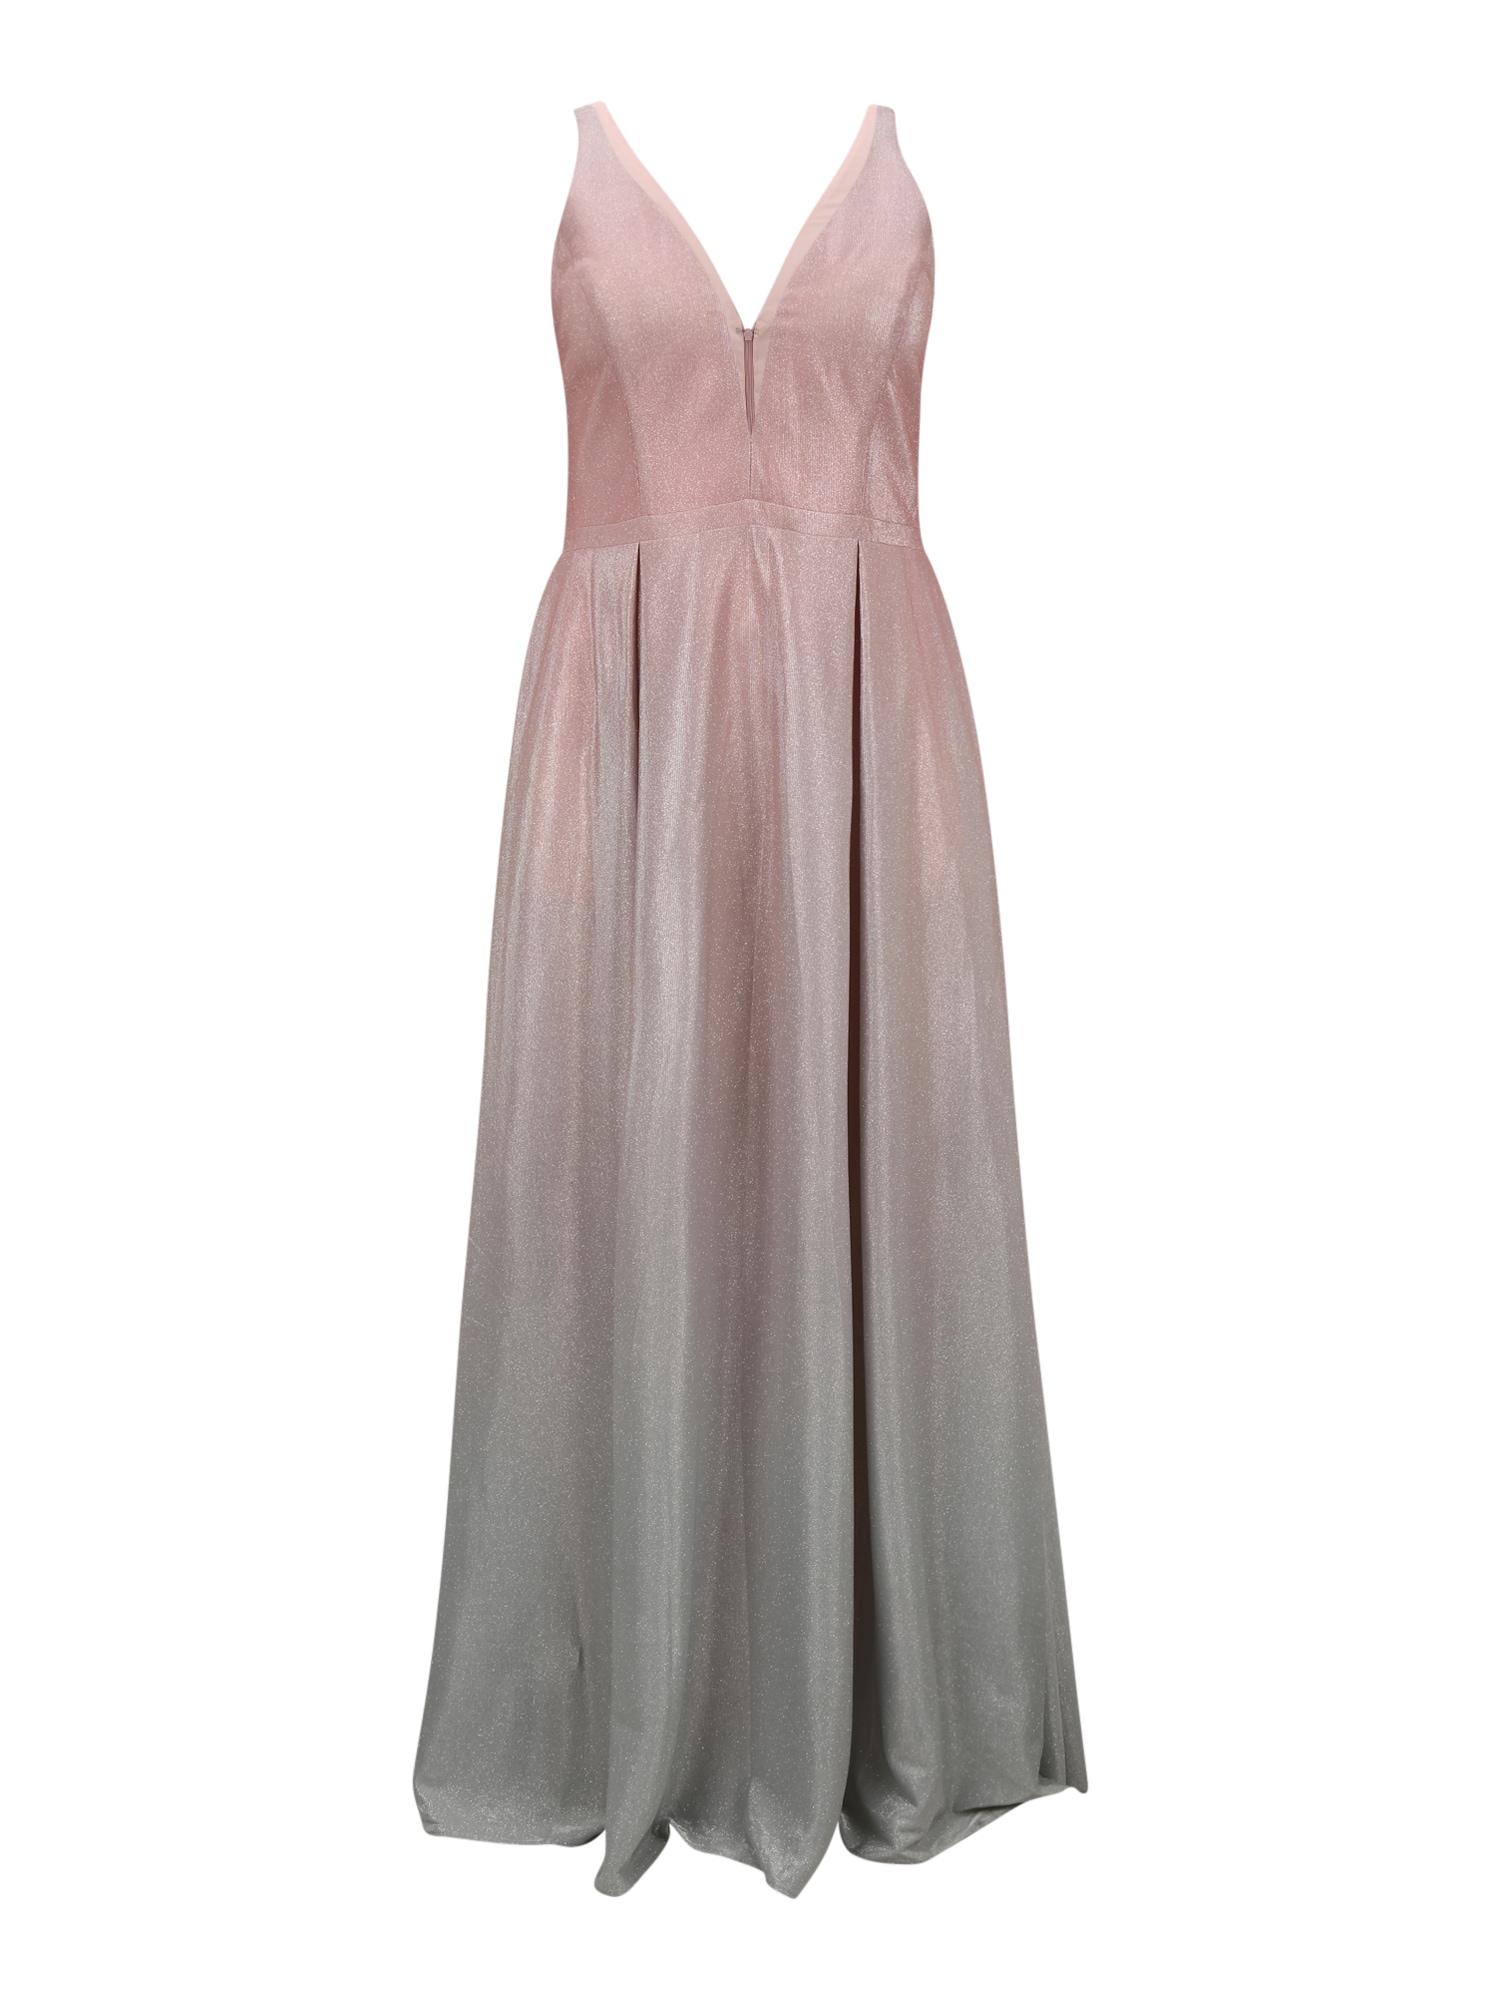 My Mascara Curves Vakarinė suknelė pilka / sidabrinė / rožių spalva